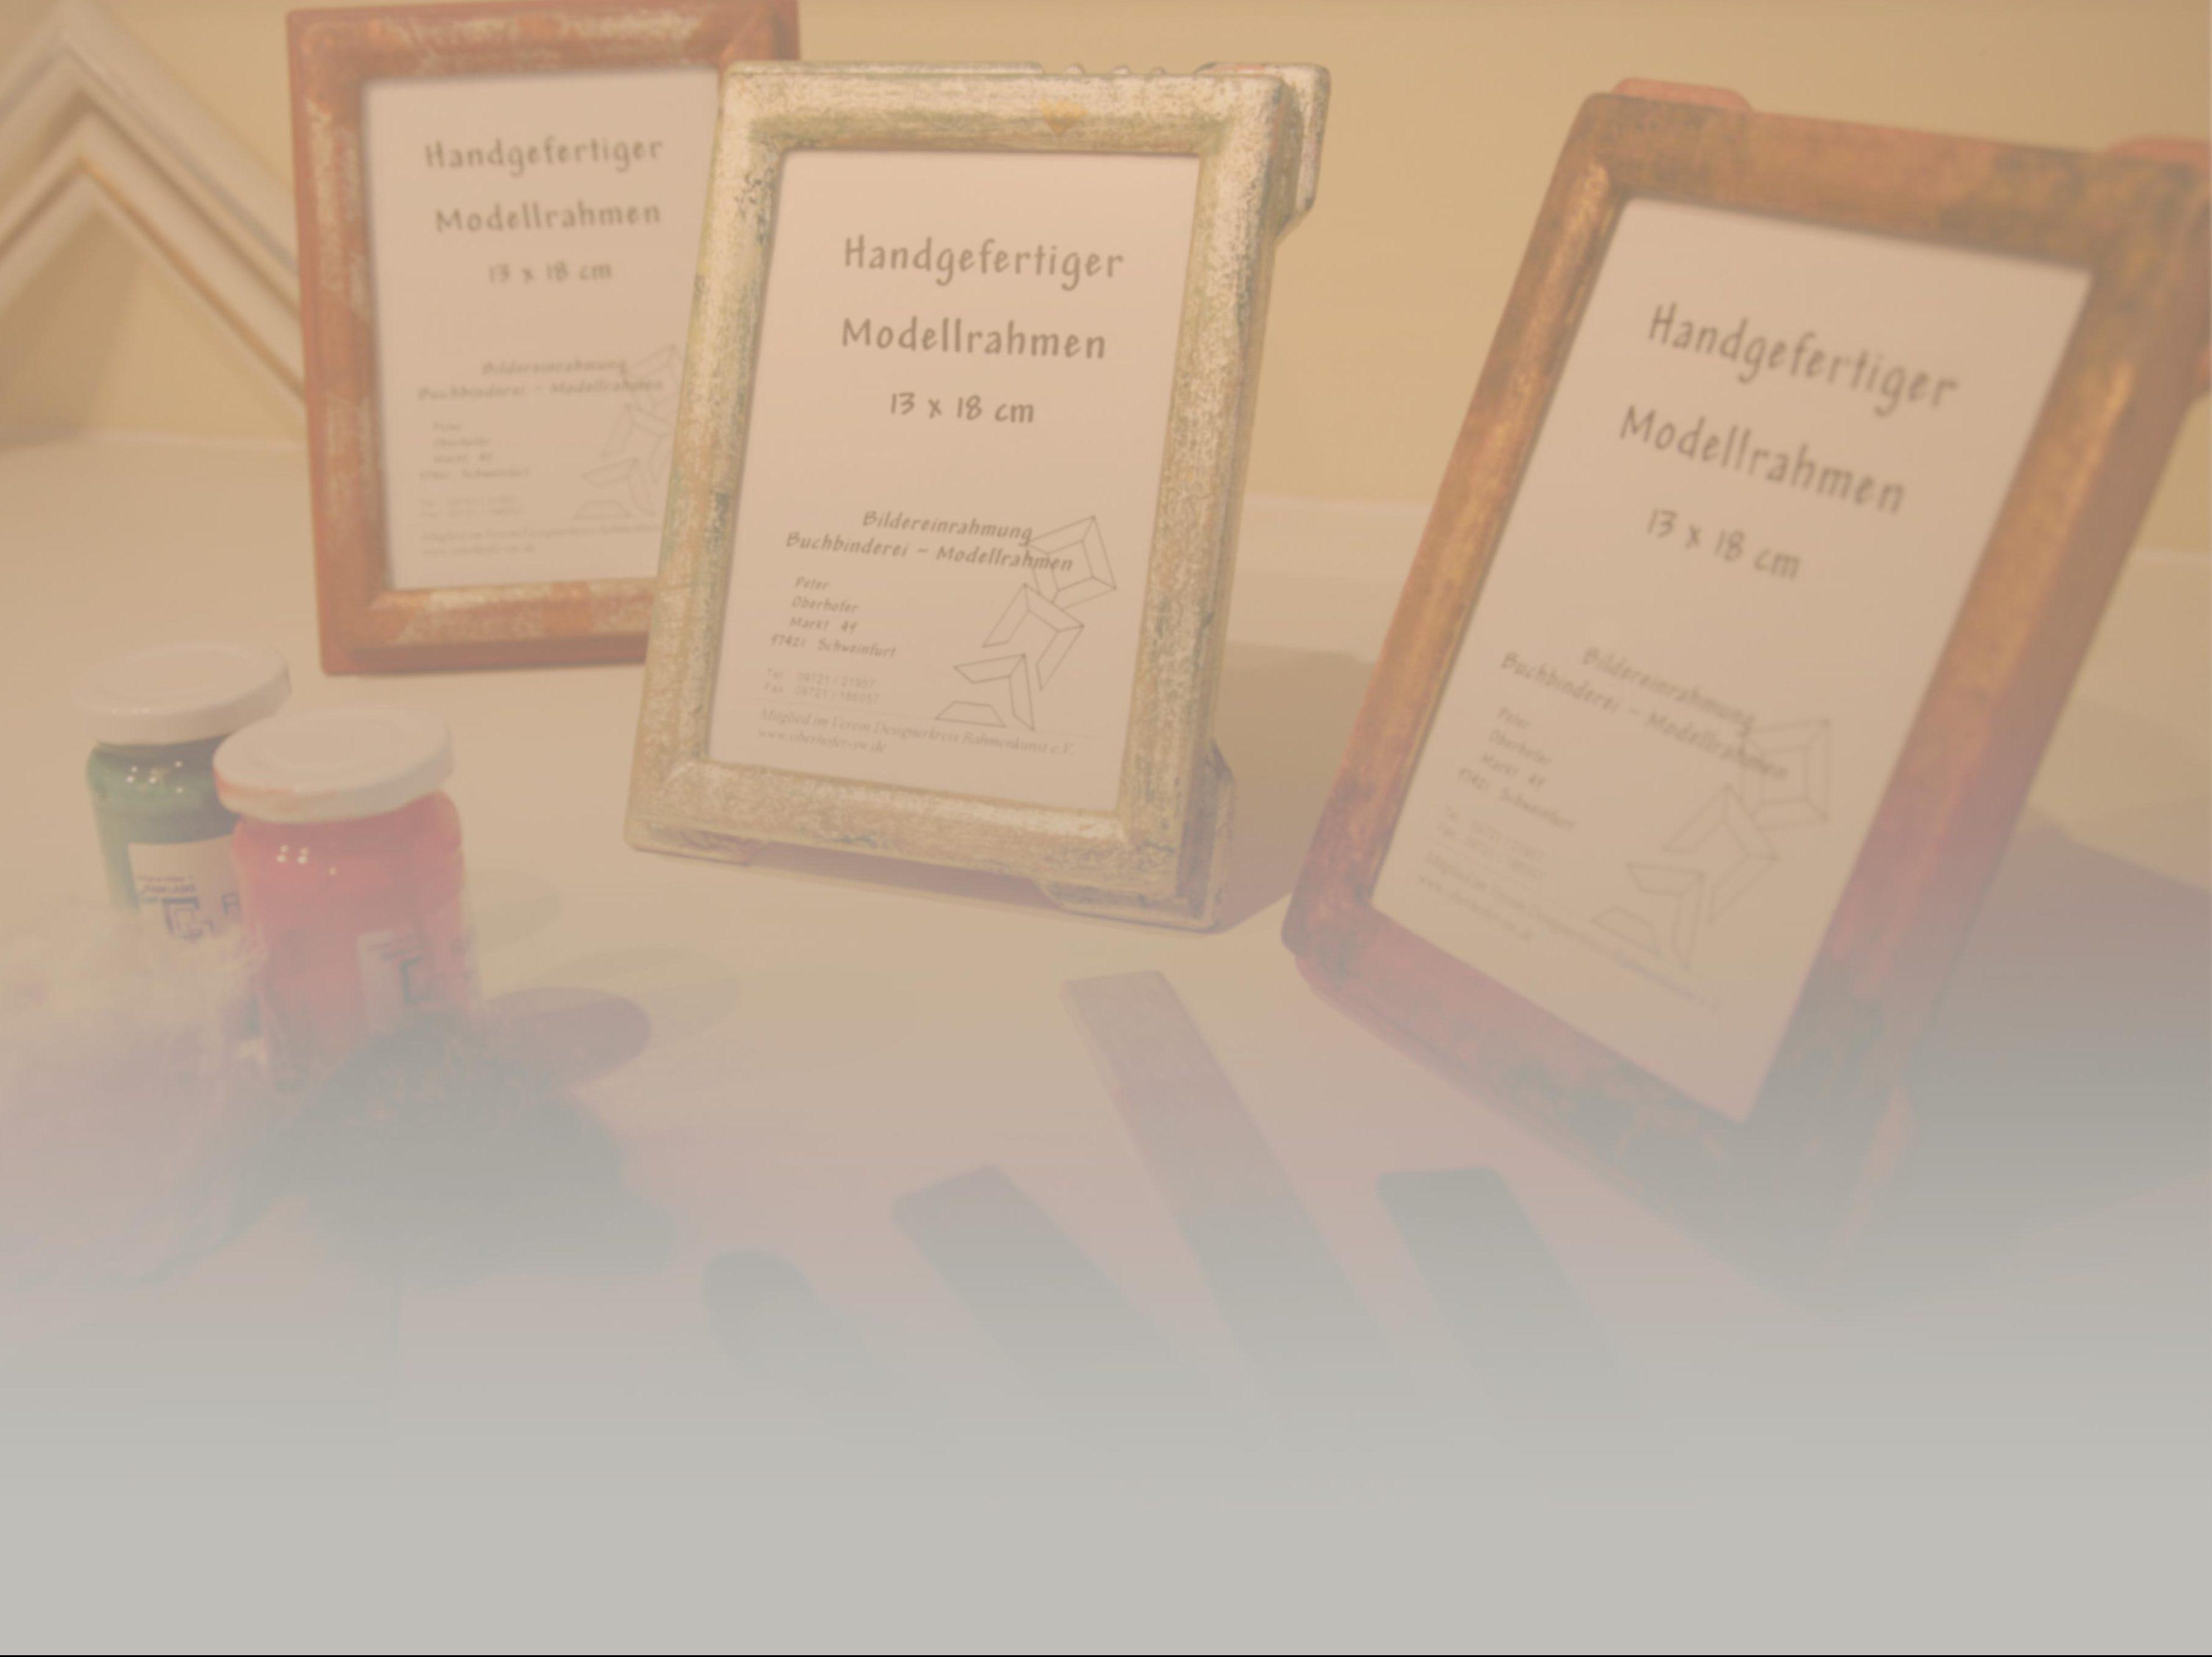 Bilderrahmen - Fotorahmen handvergoldet